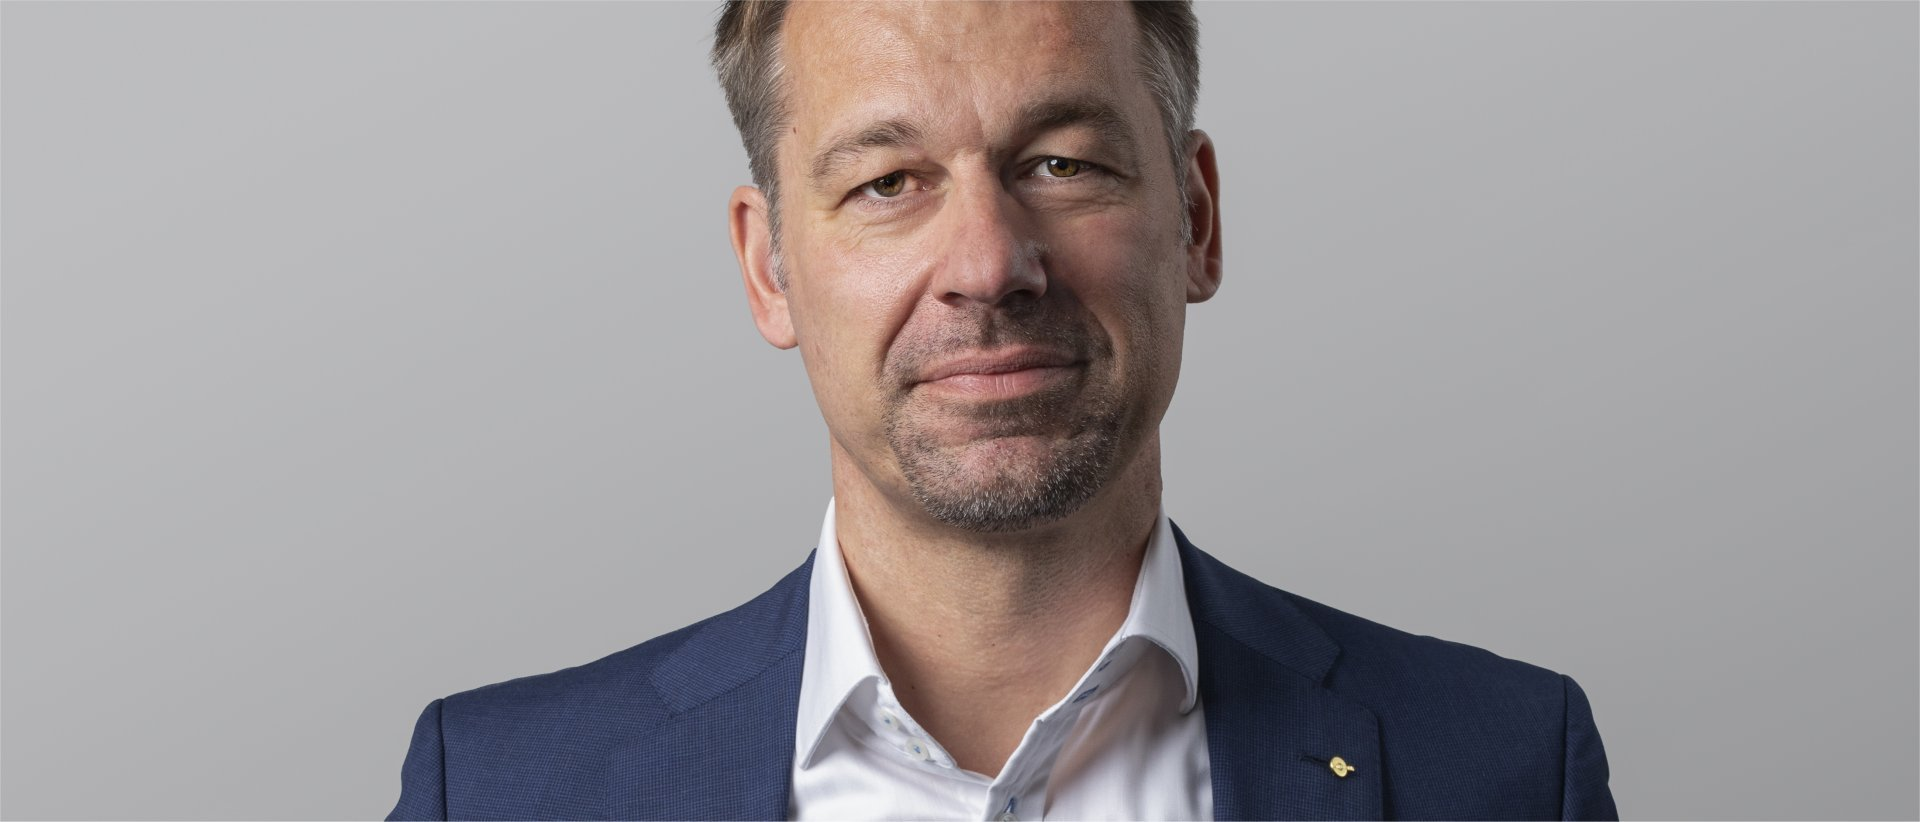 Ingo Steinkrüger